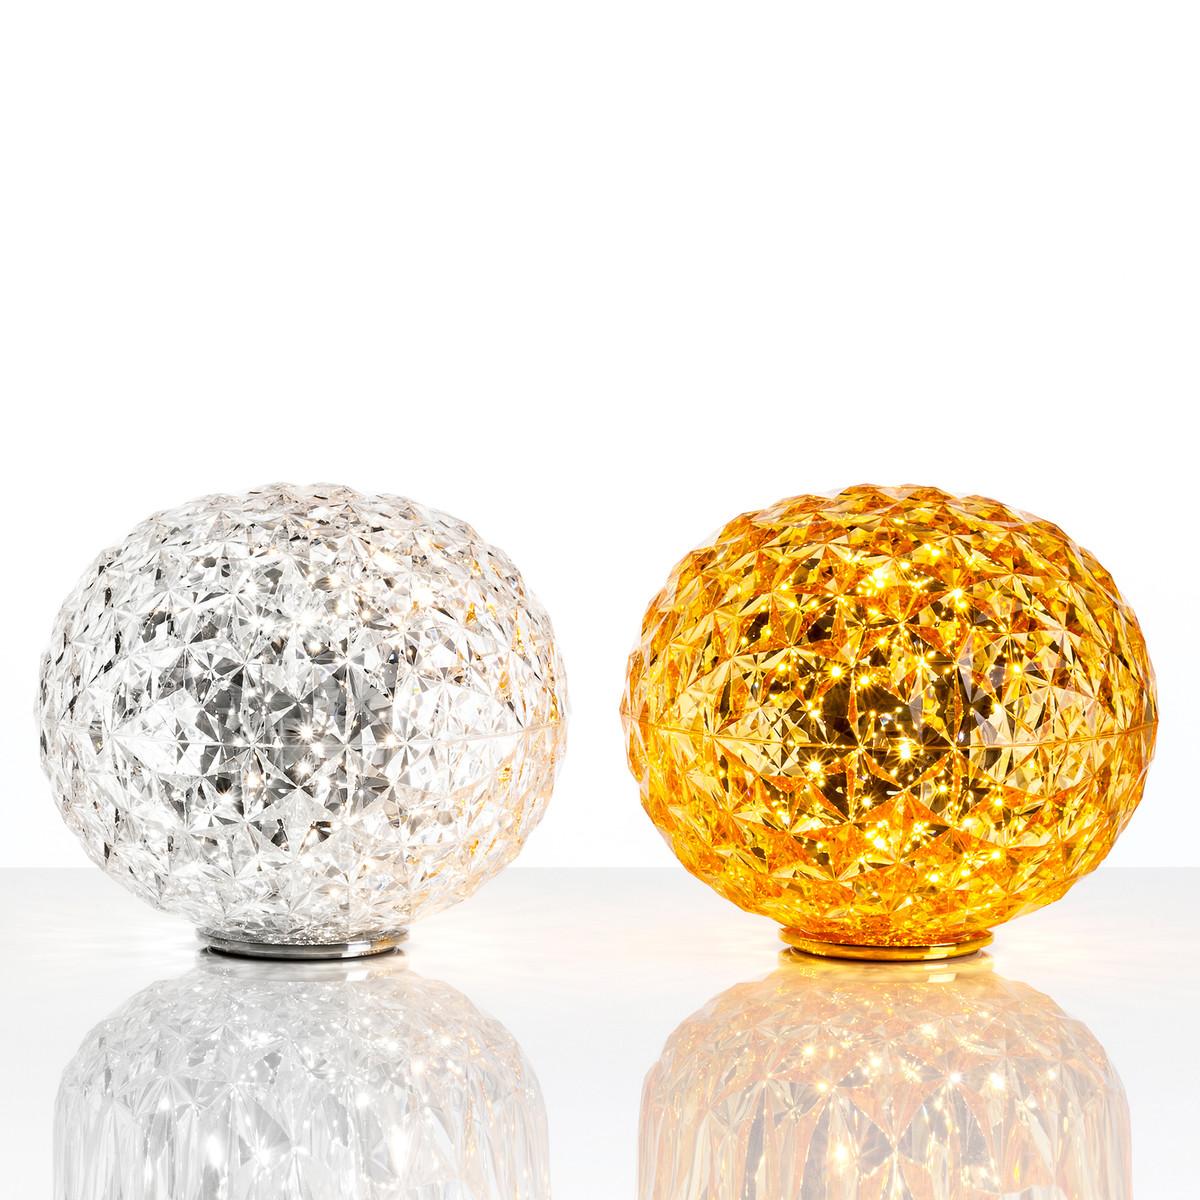 kartell-planet-led-tischleuchten-glasklar-und-gelb